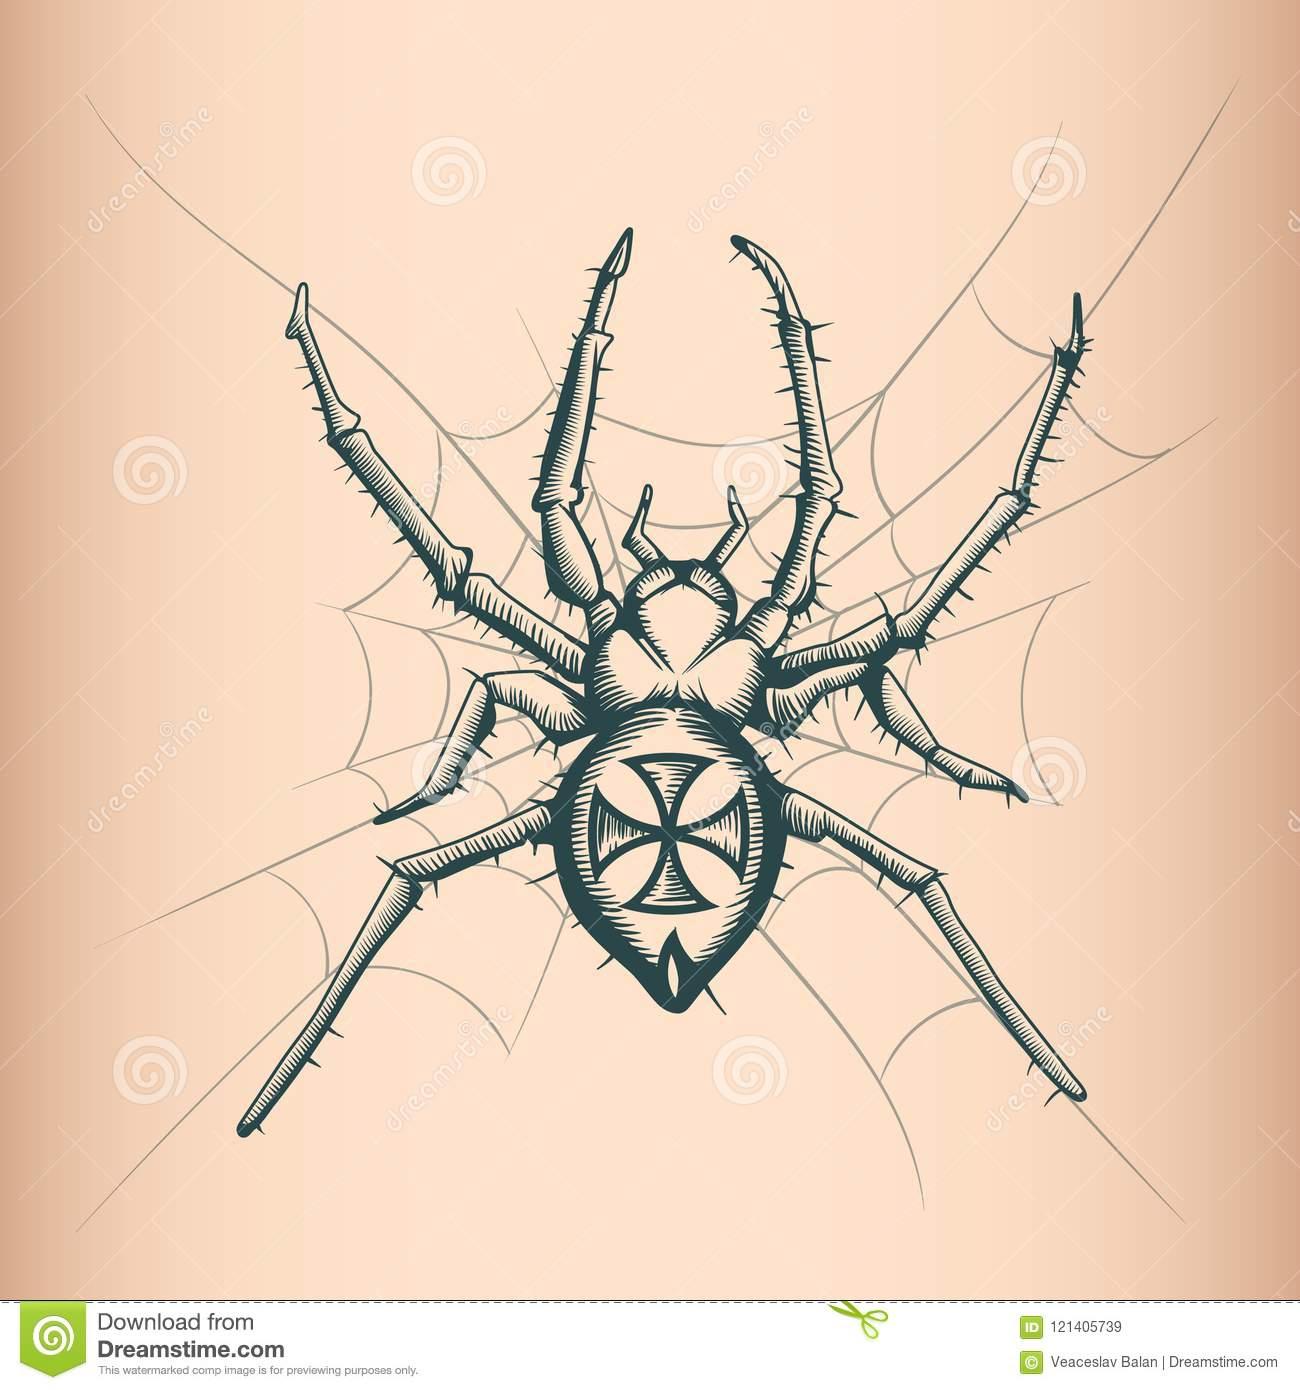 Dessin D'araignée De Vintage Style De Uage Illustration encequiconcerne Dessiner Une Araignee